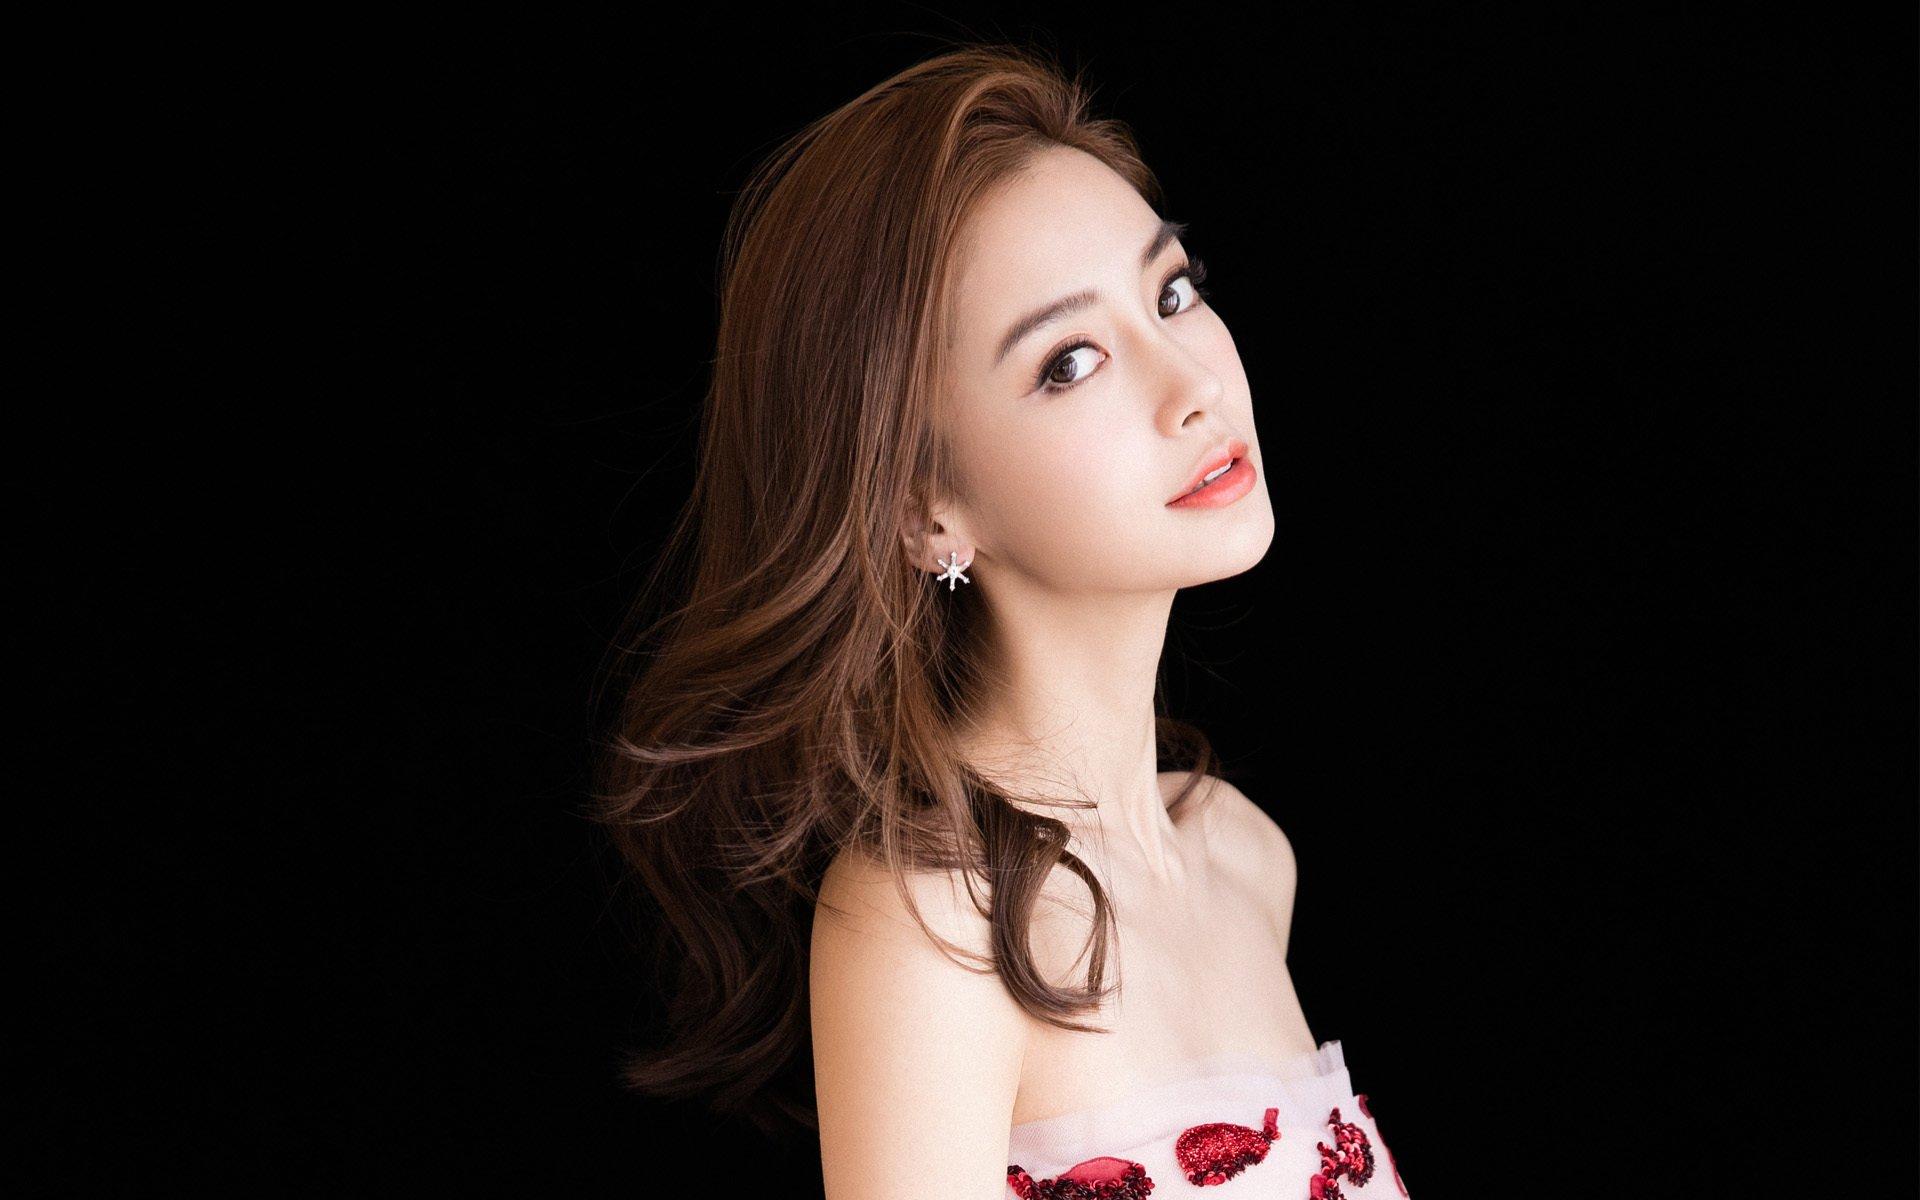 赵汉英的姓什么,整容前后的照片以及赵汉英的丈夫的信息暴露